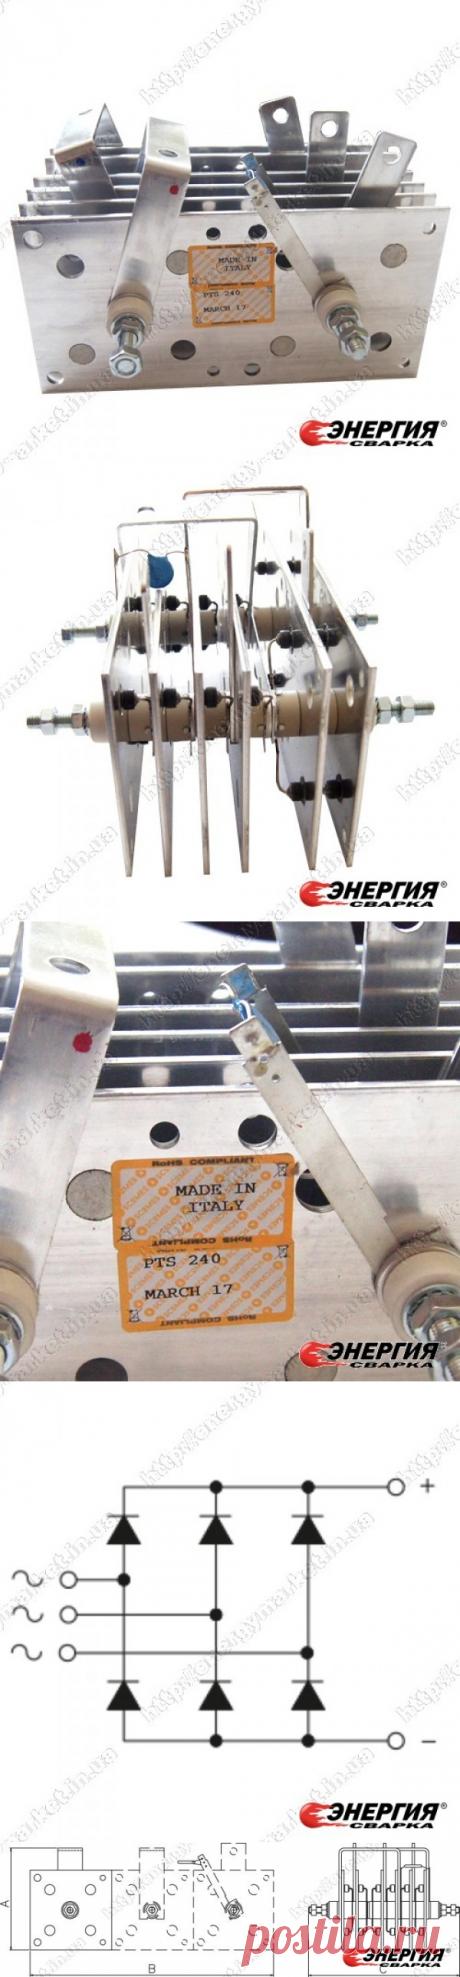 PТS - 240 Трехфазный диодный мостовой выпрямитель 240A SCOMES.купить цена Украине